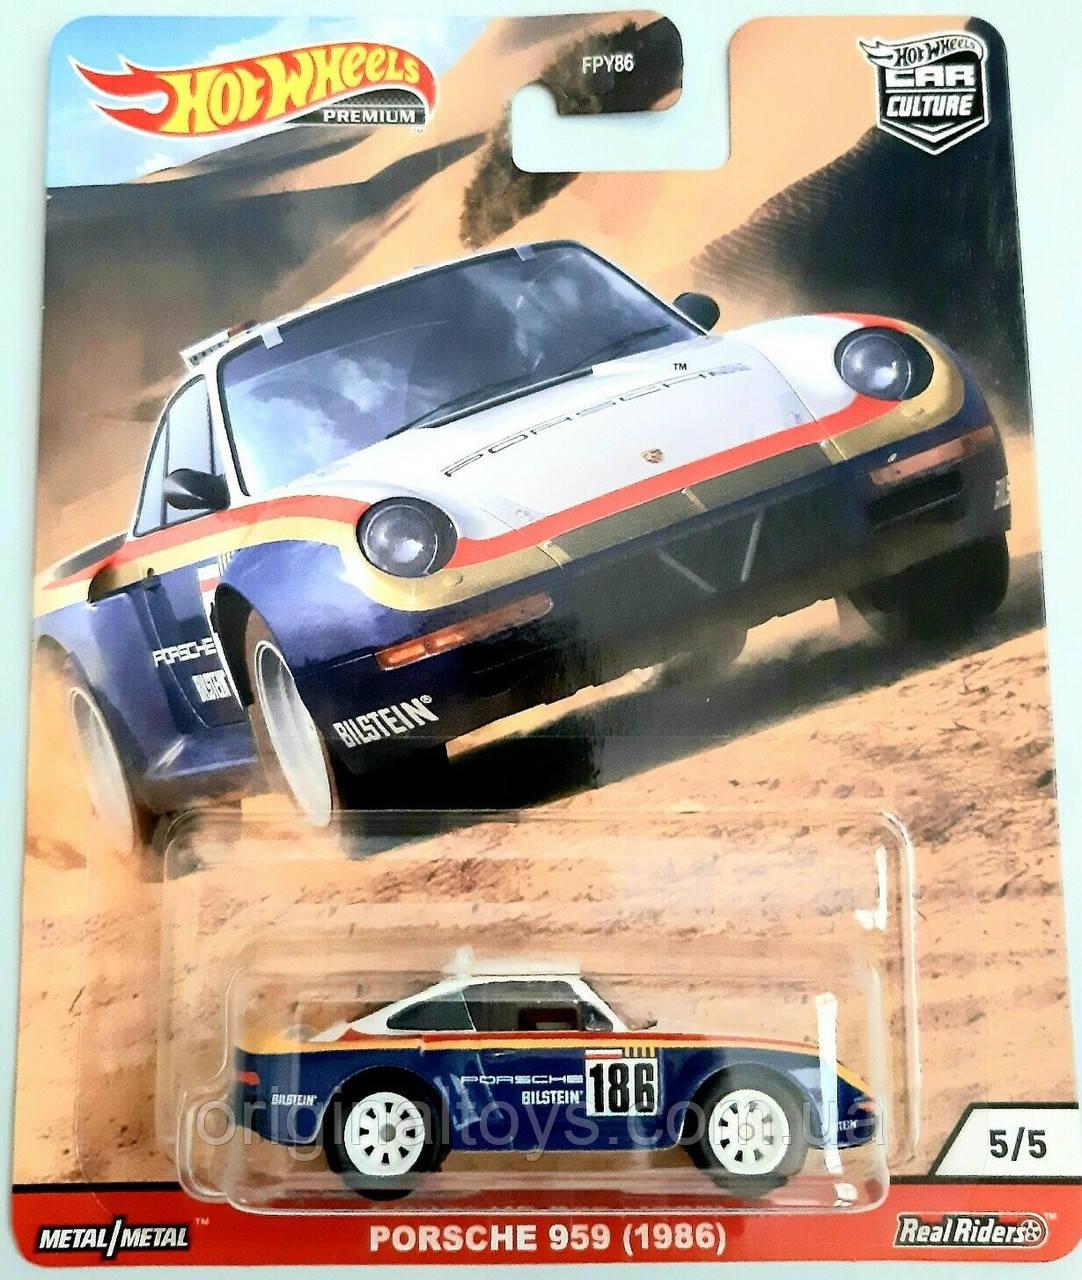 Коллекционная машинка Hot Wheels Porsche 959